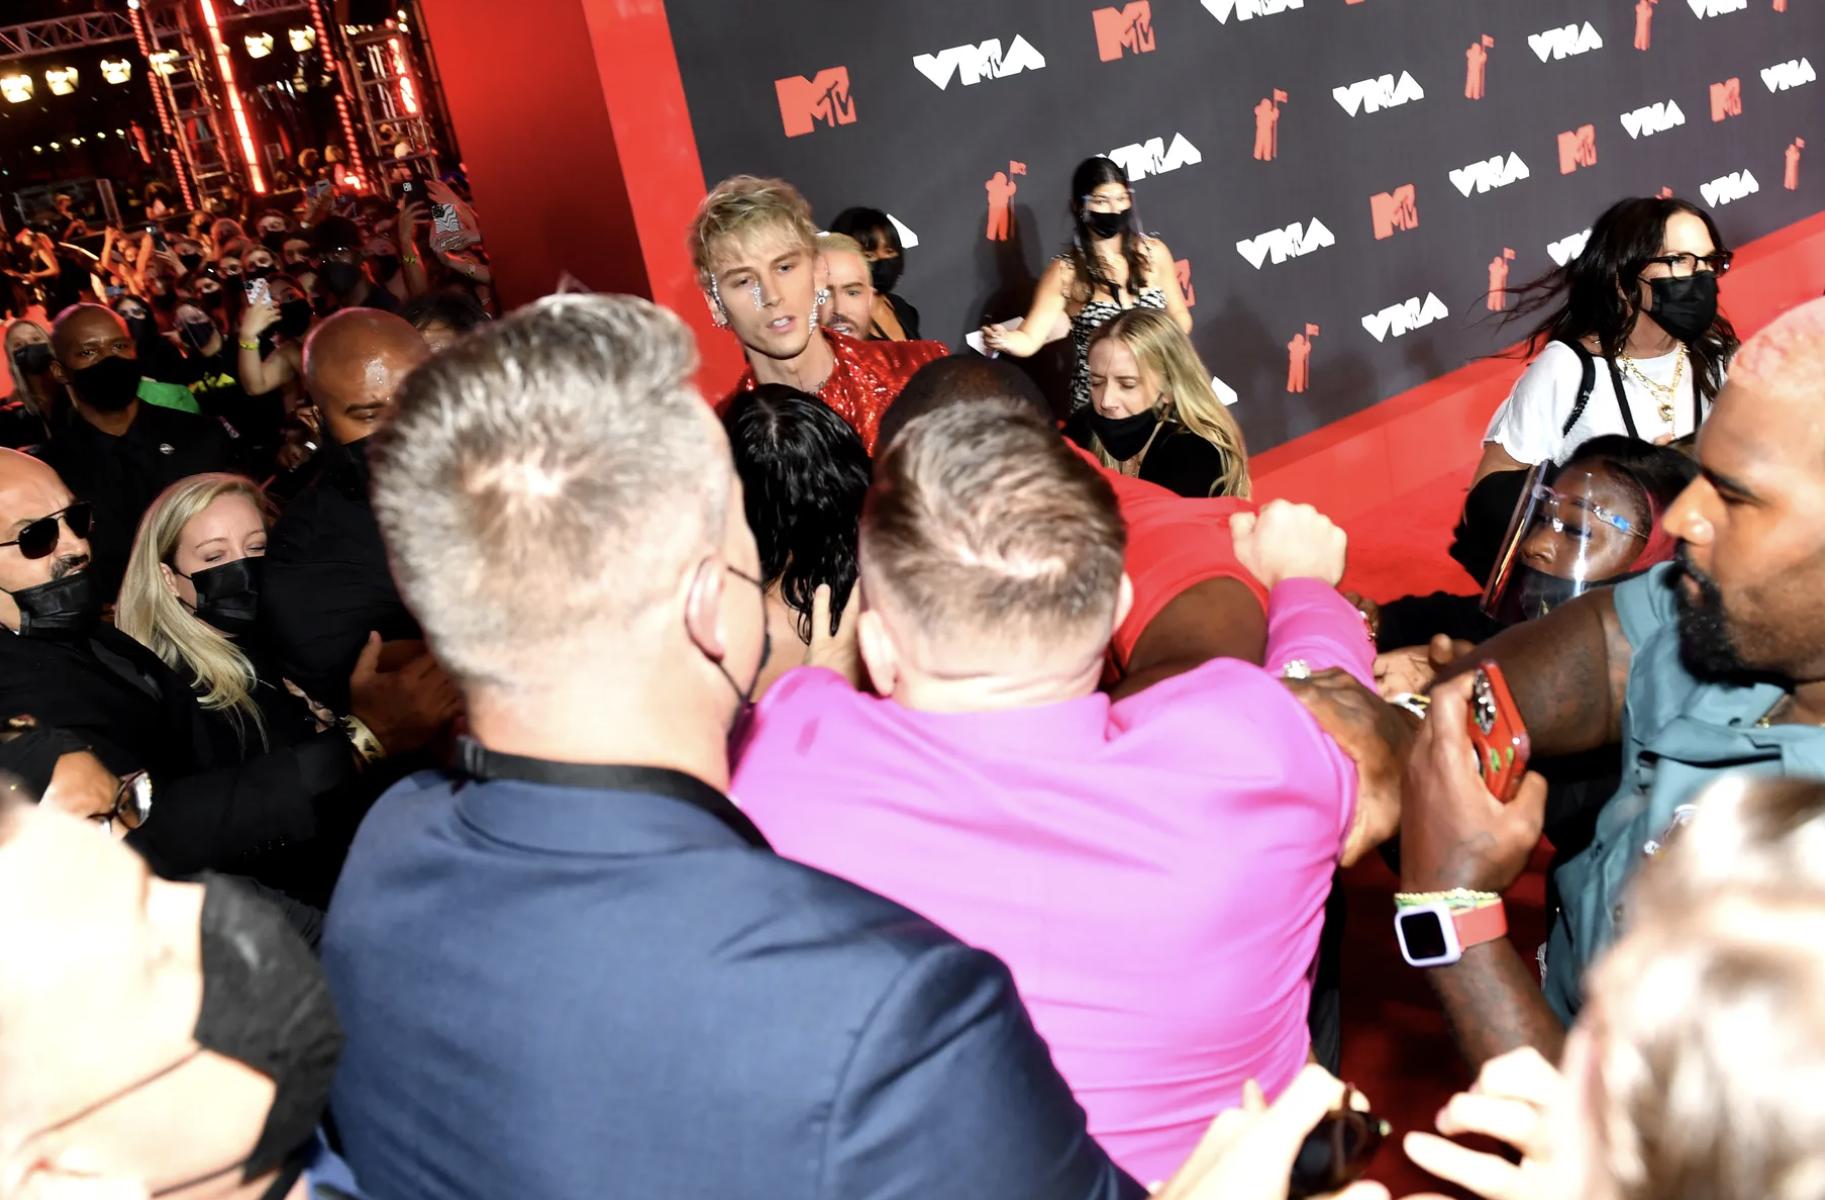 Облил напитком и пытался ударить: Конор Макгрегор напал на парня Меган Фокс во время премии MTV VMA 2021 (ВИДЕО) - фото №1